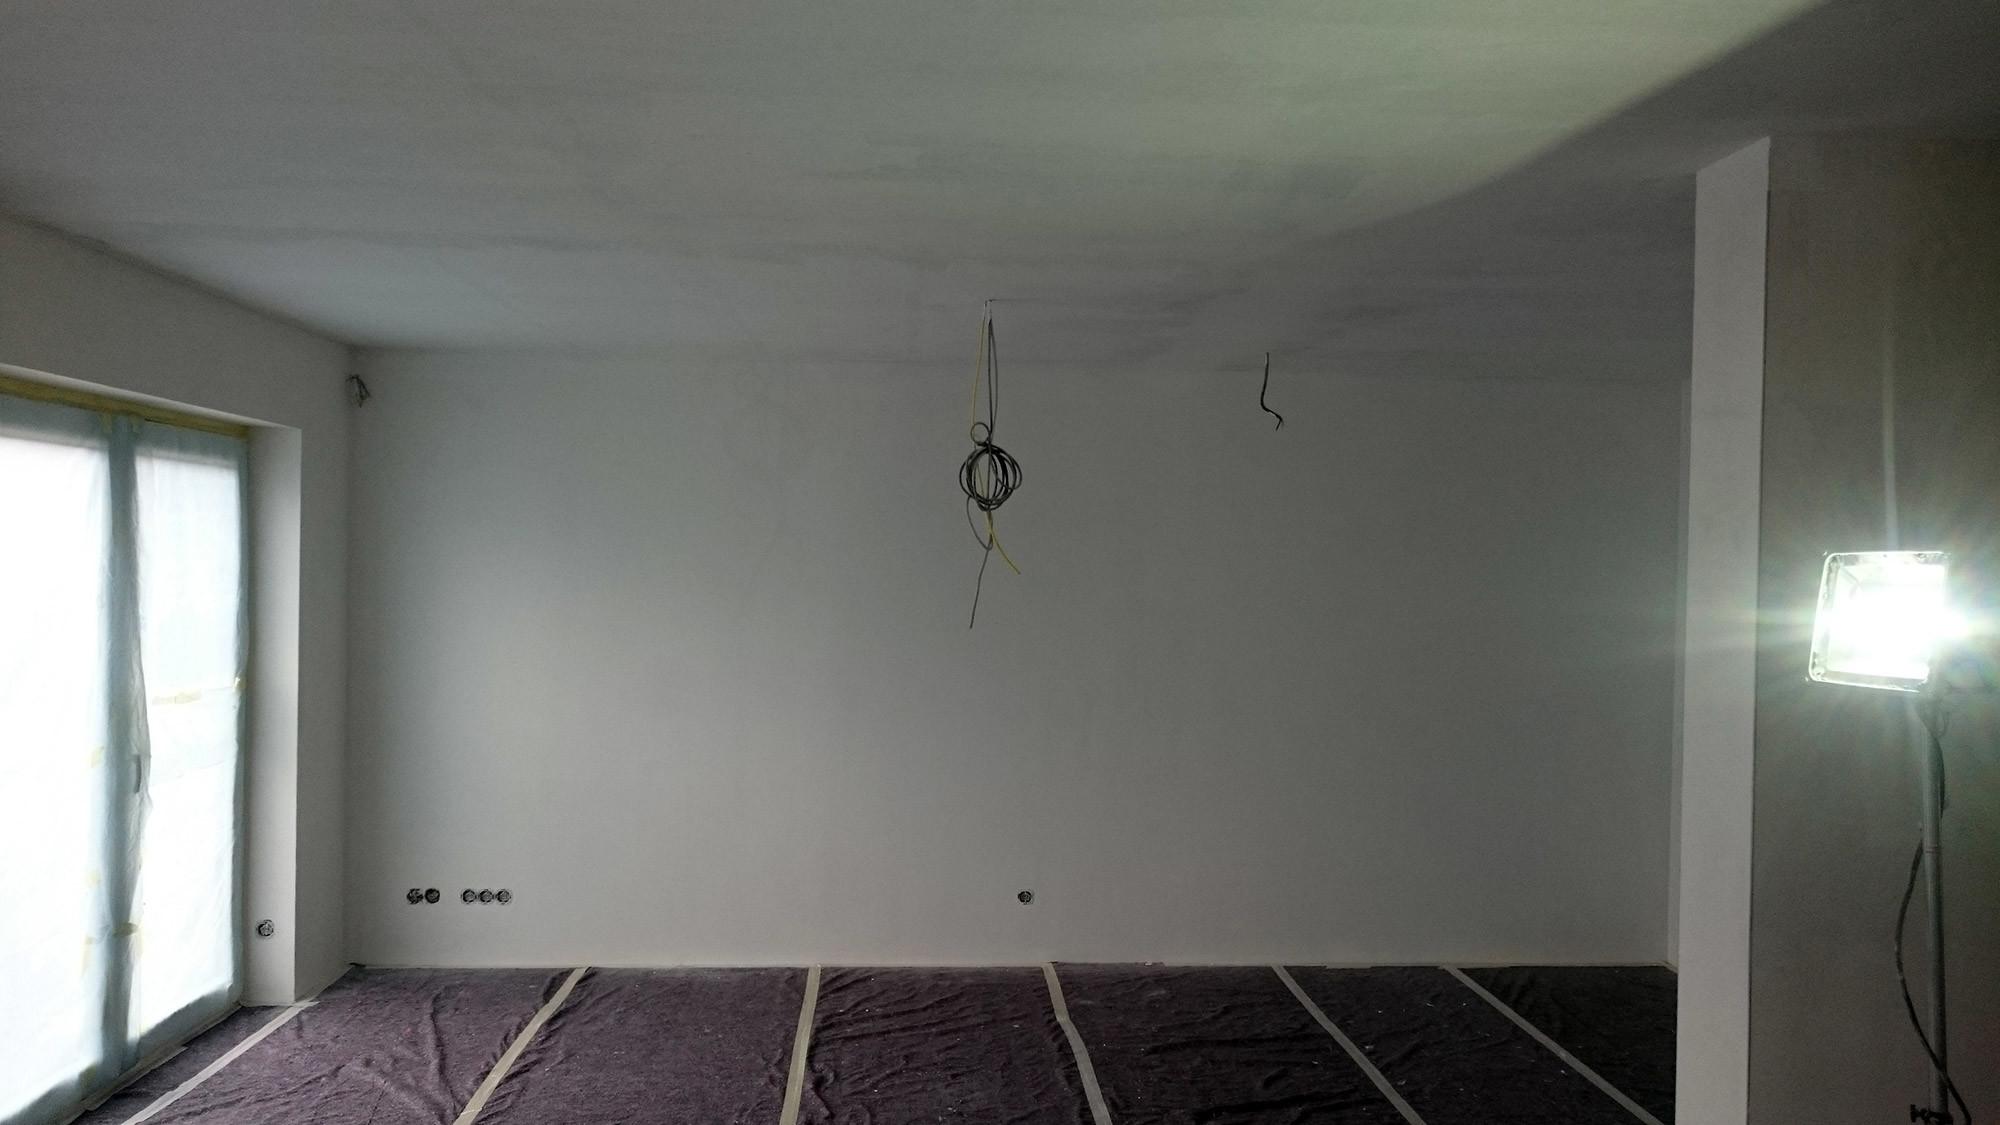 malerarbeiten malervlies kleben und streichen in eigenleistung. Black Bedroom Furniture Sets. Home Design Ideas